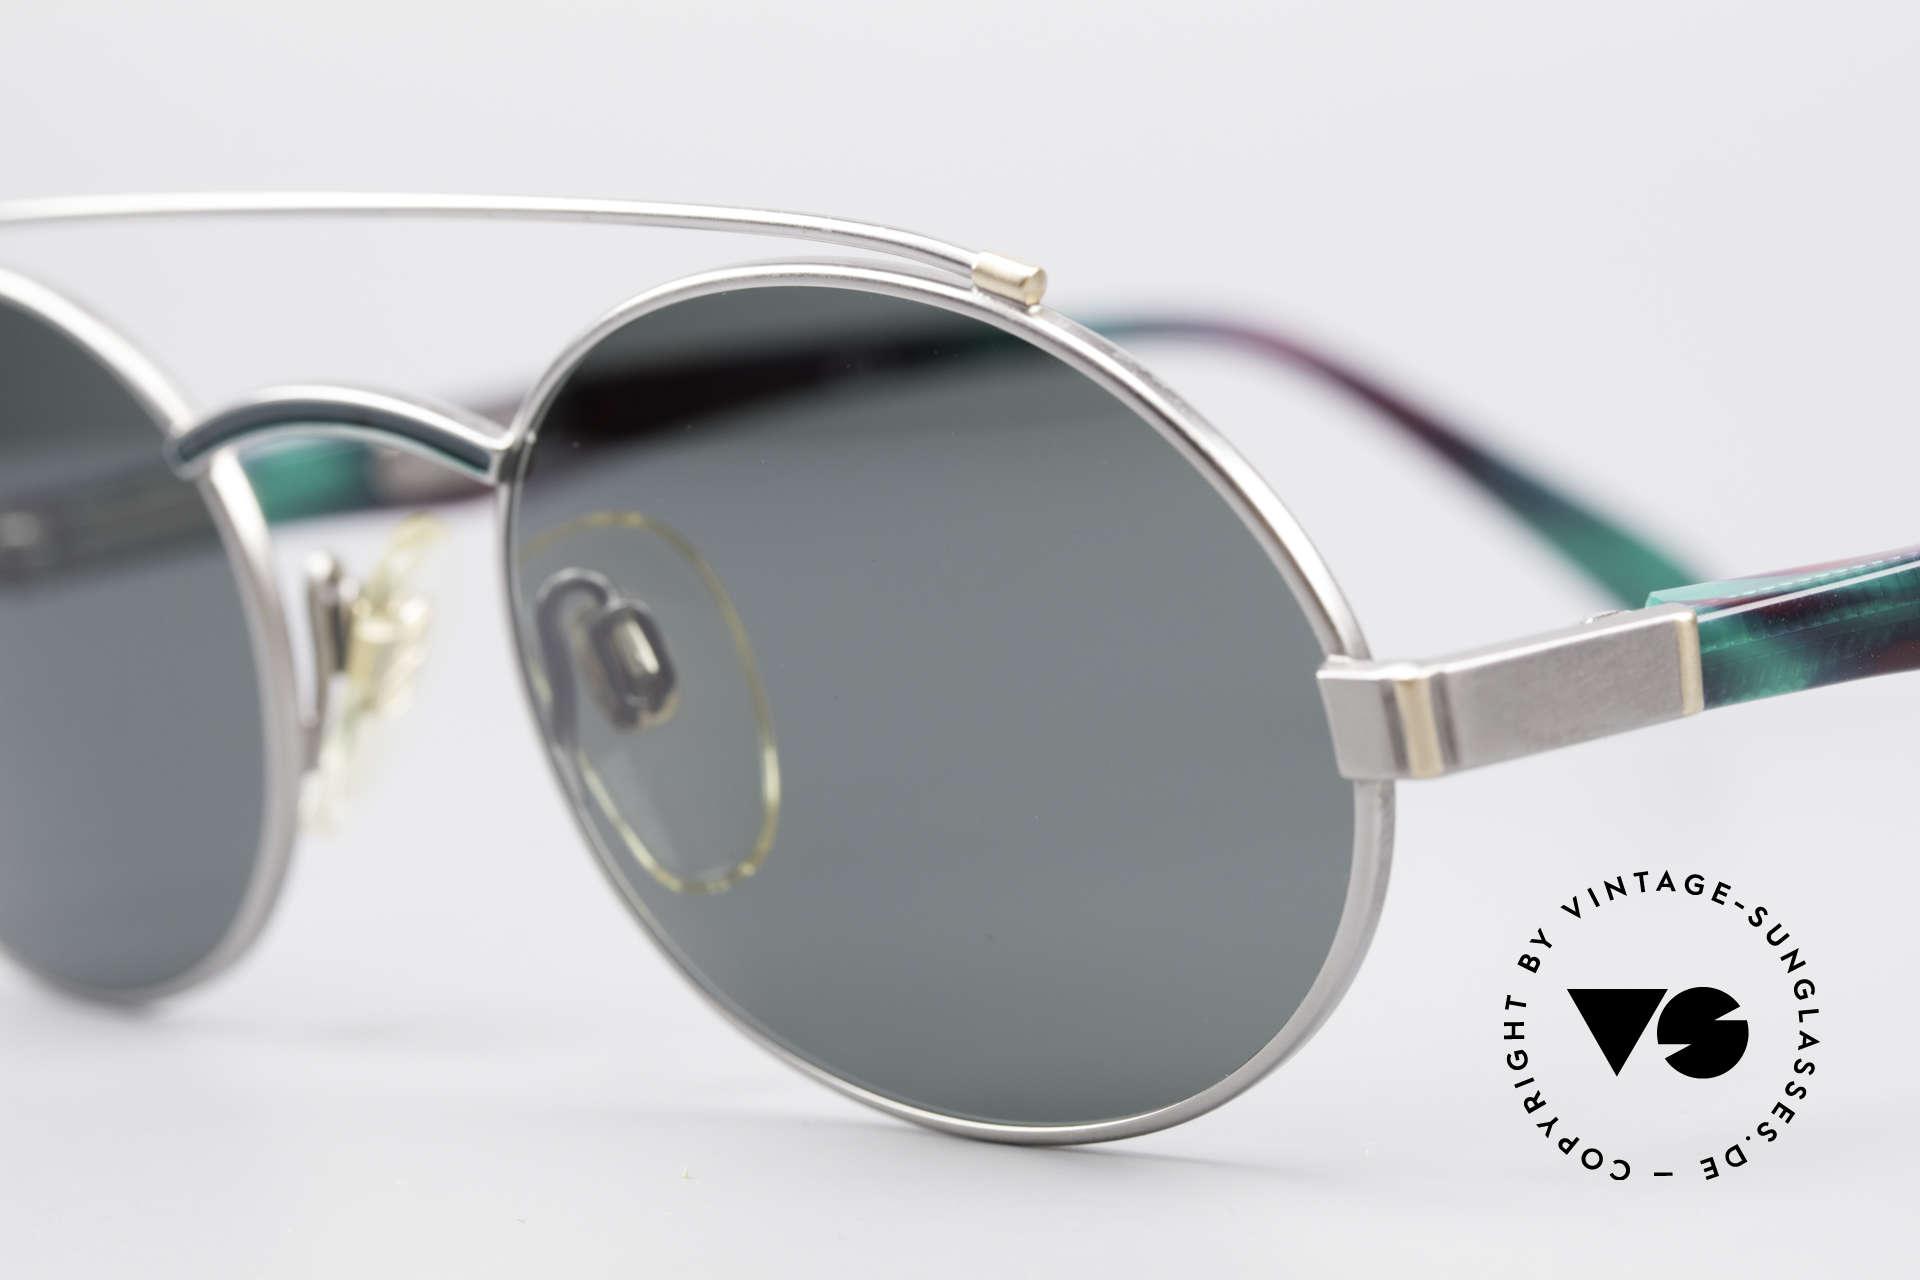 Davidoff 305 Ovale Vintage Herrenbrille, Gentleman-Brille: stilvoll, elegant & zudem sehr selten, Passend für Herren